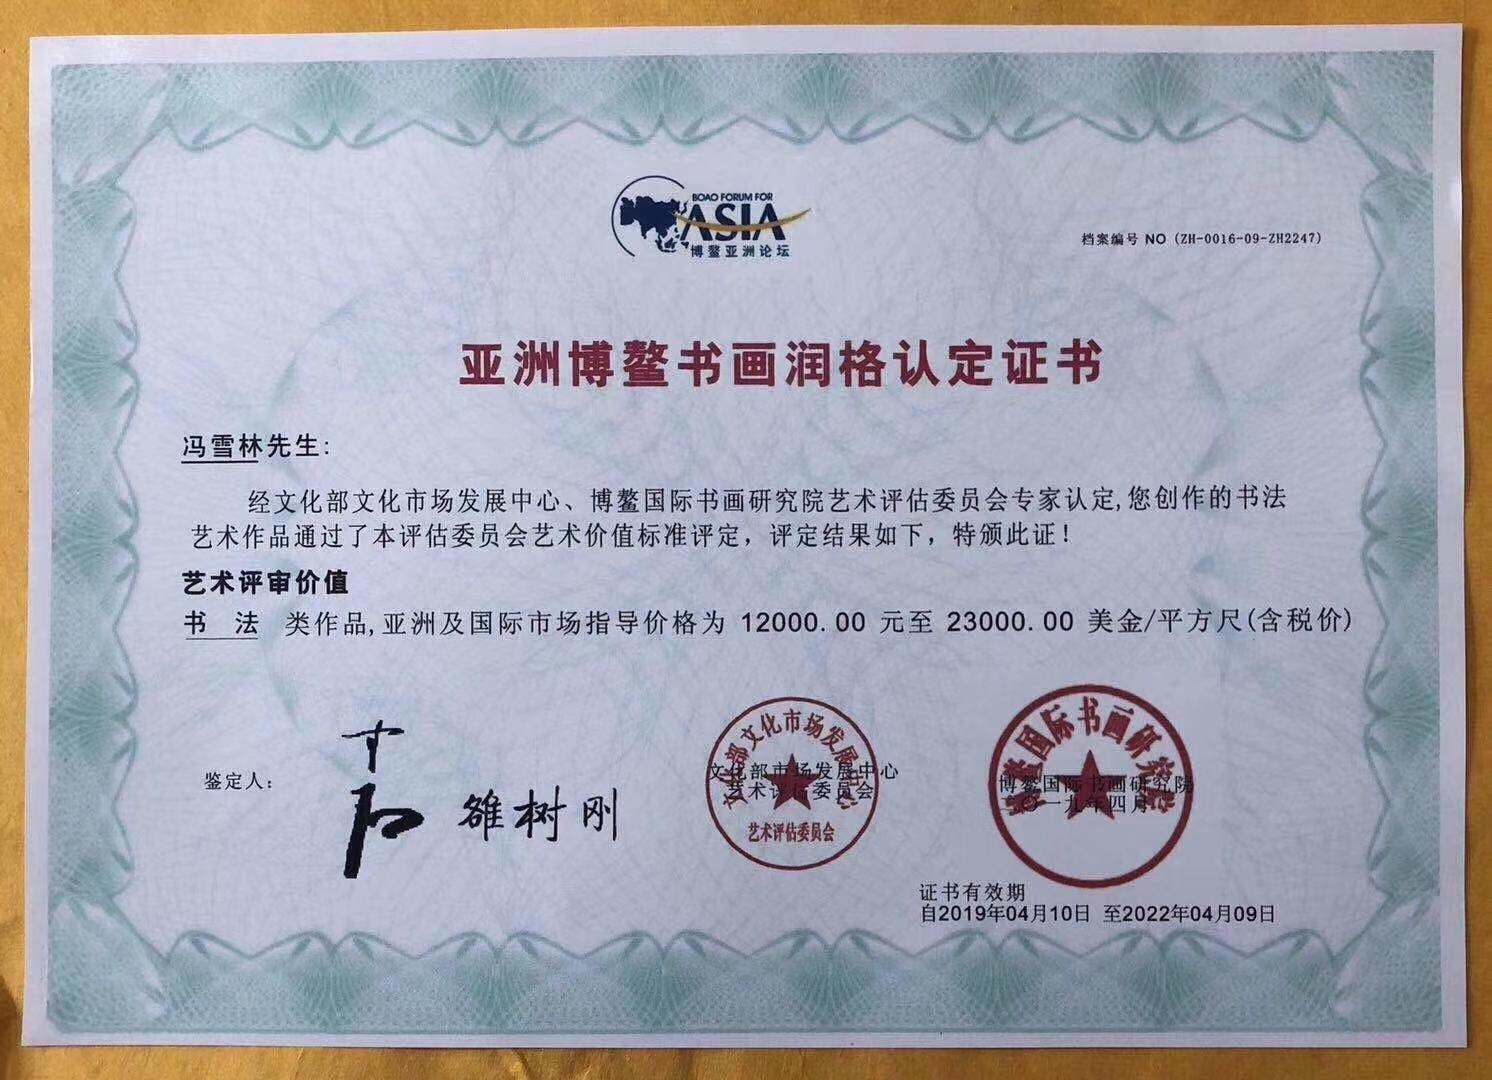 亚洲博鳌书画润格认定证书